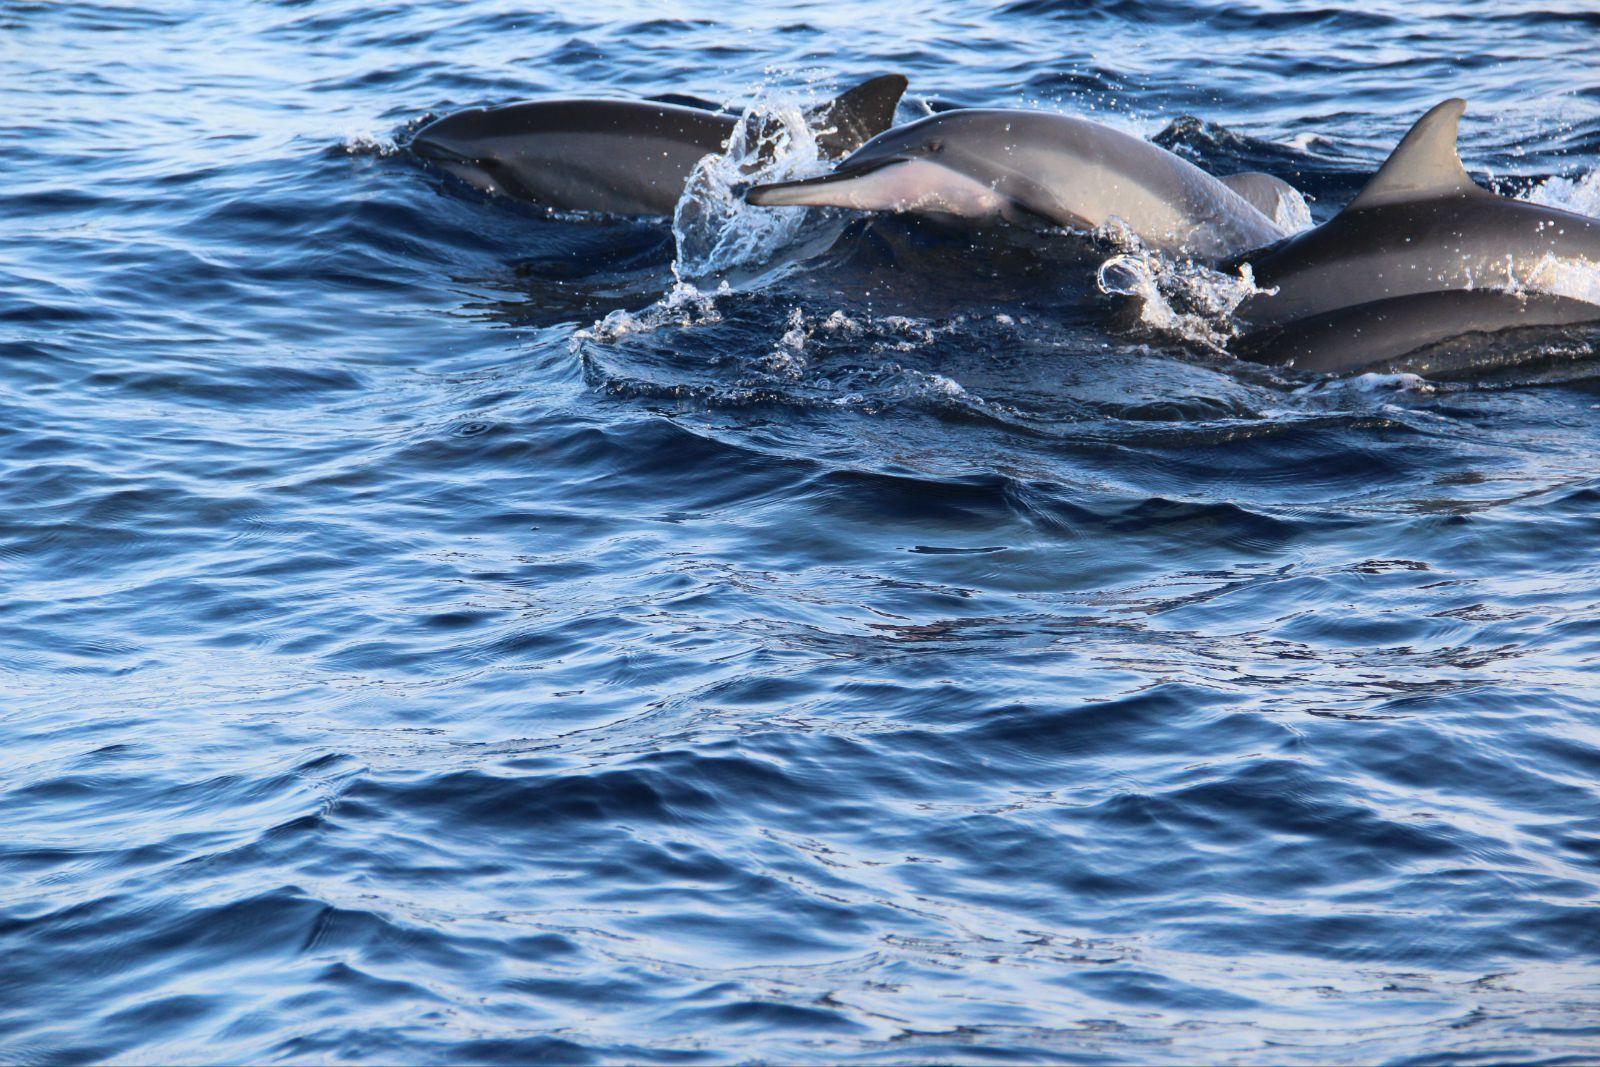 第一次看到在海里游的海豚,实在是太喜欢它们.